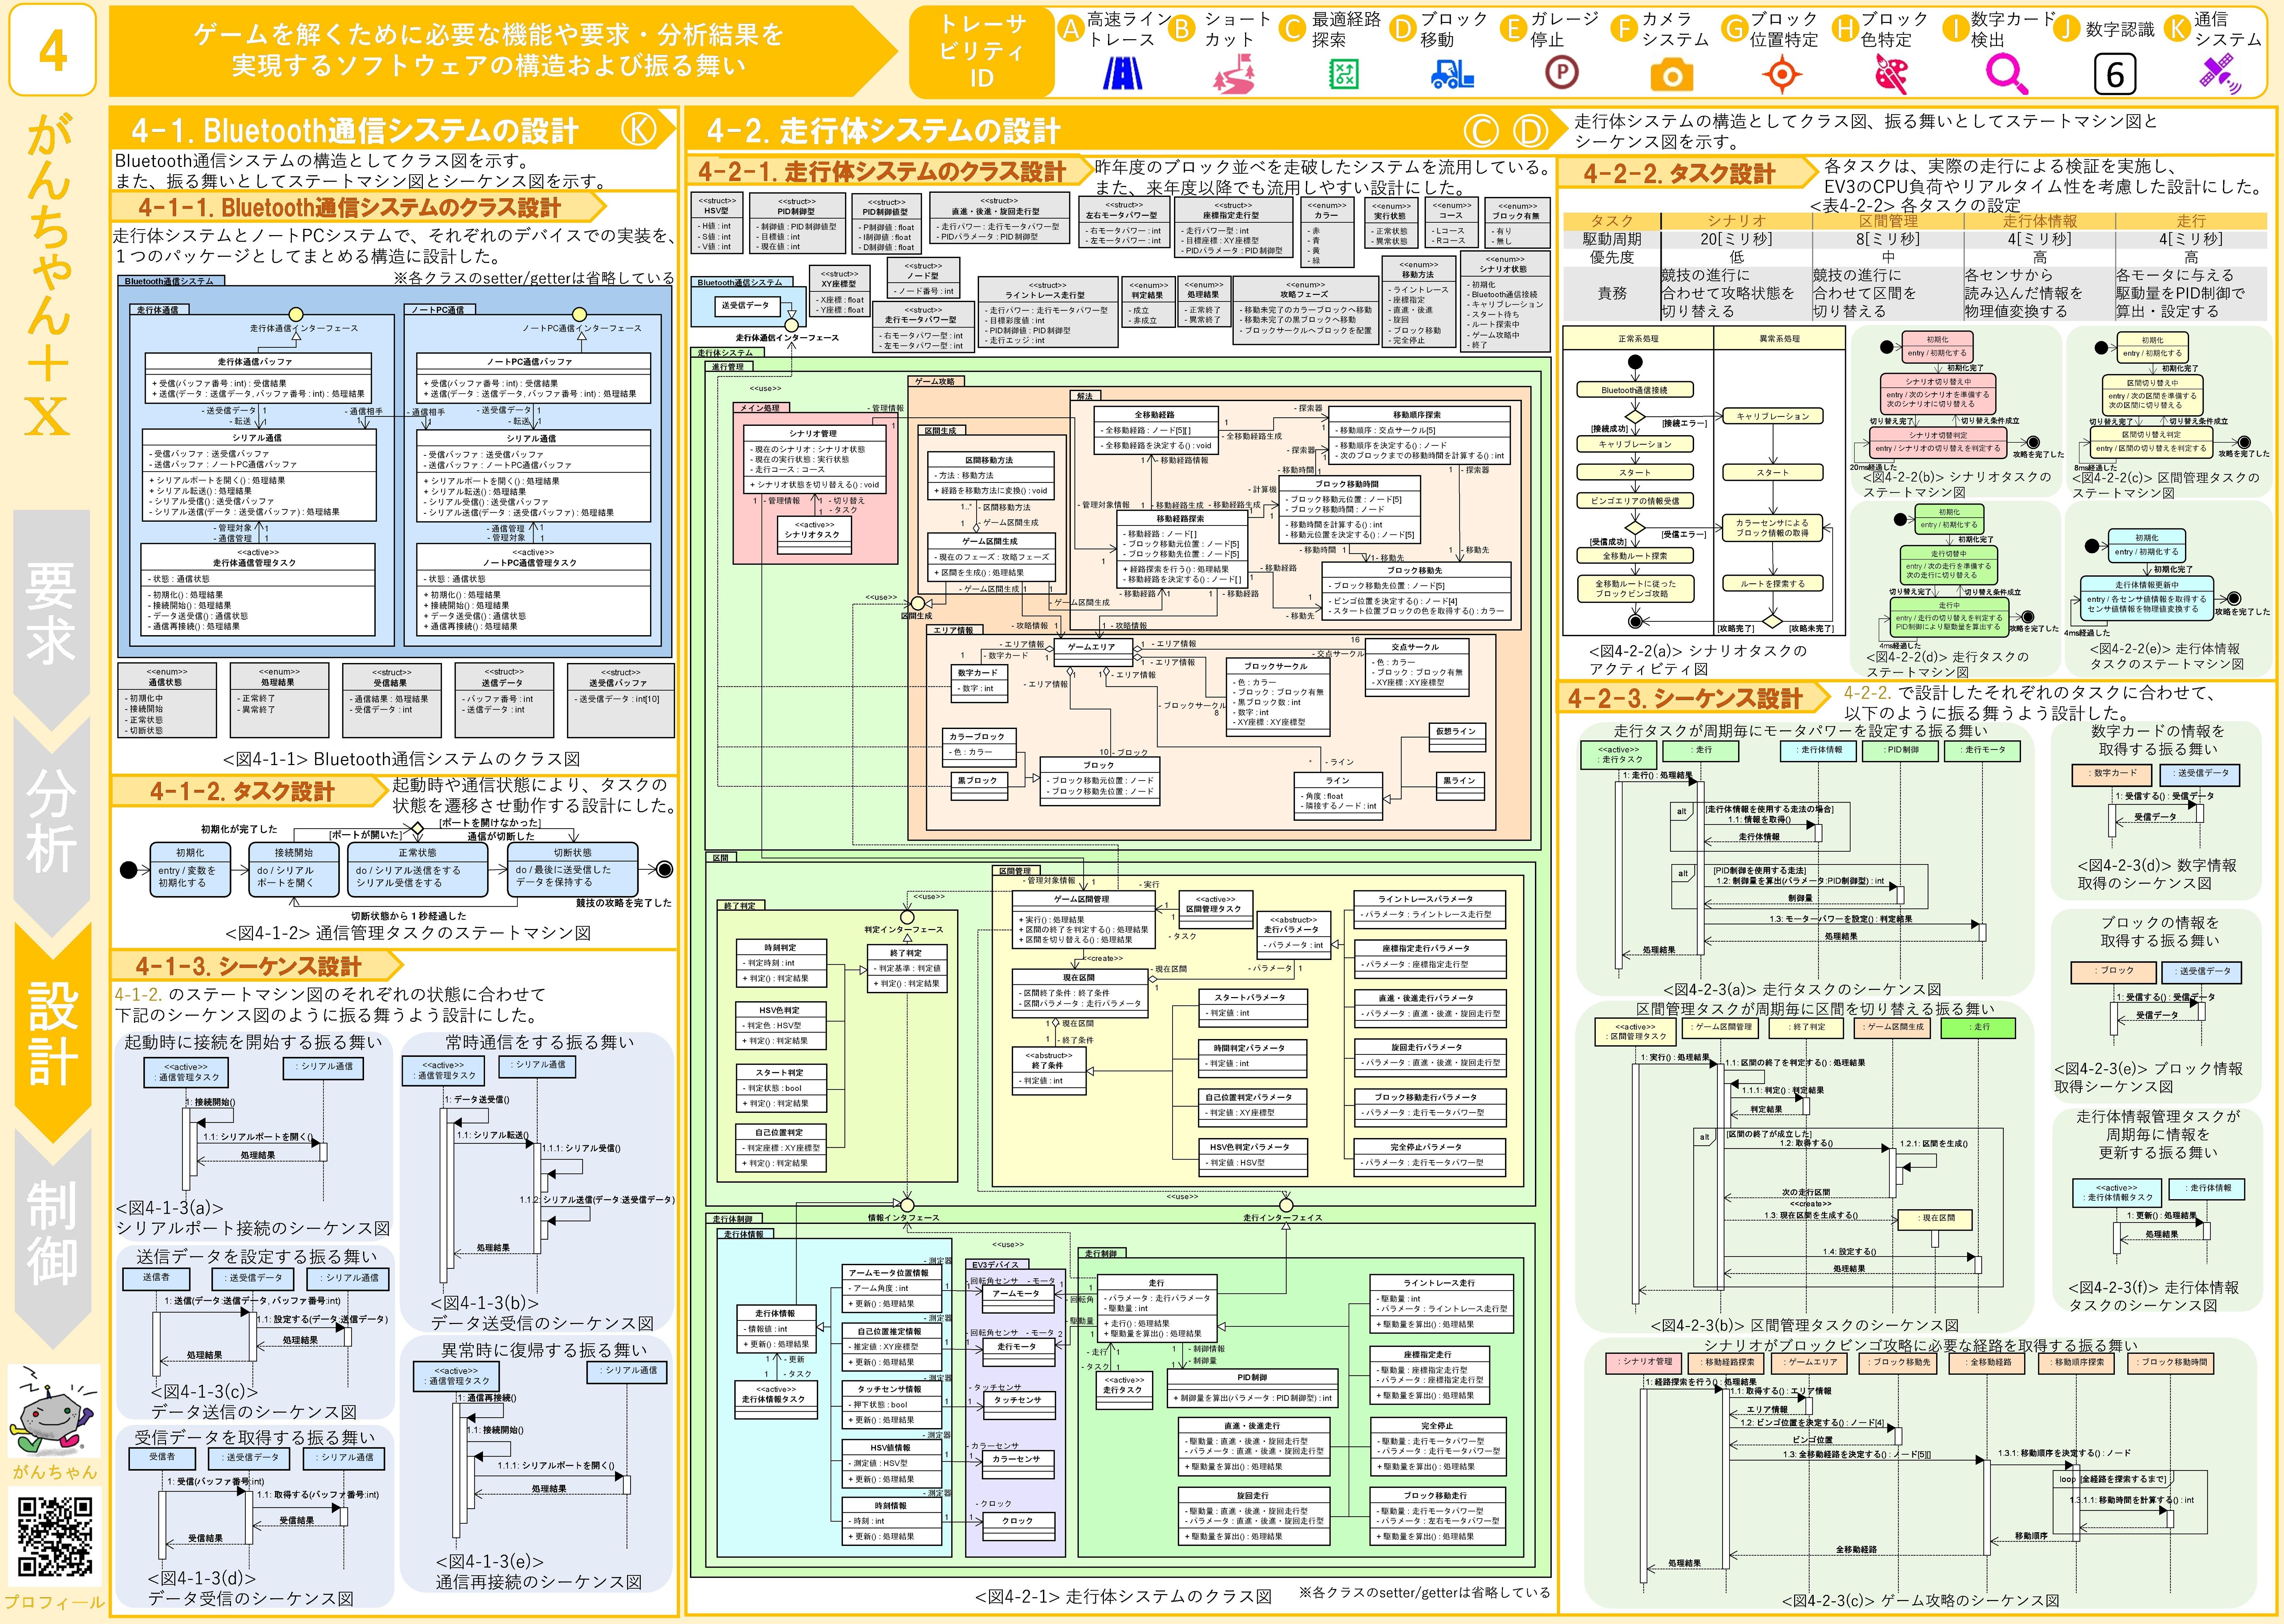 設計モデル_ver20.81.jpg